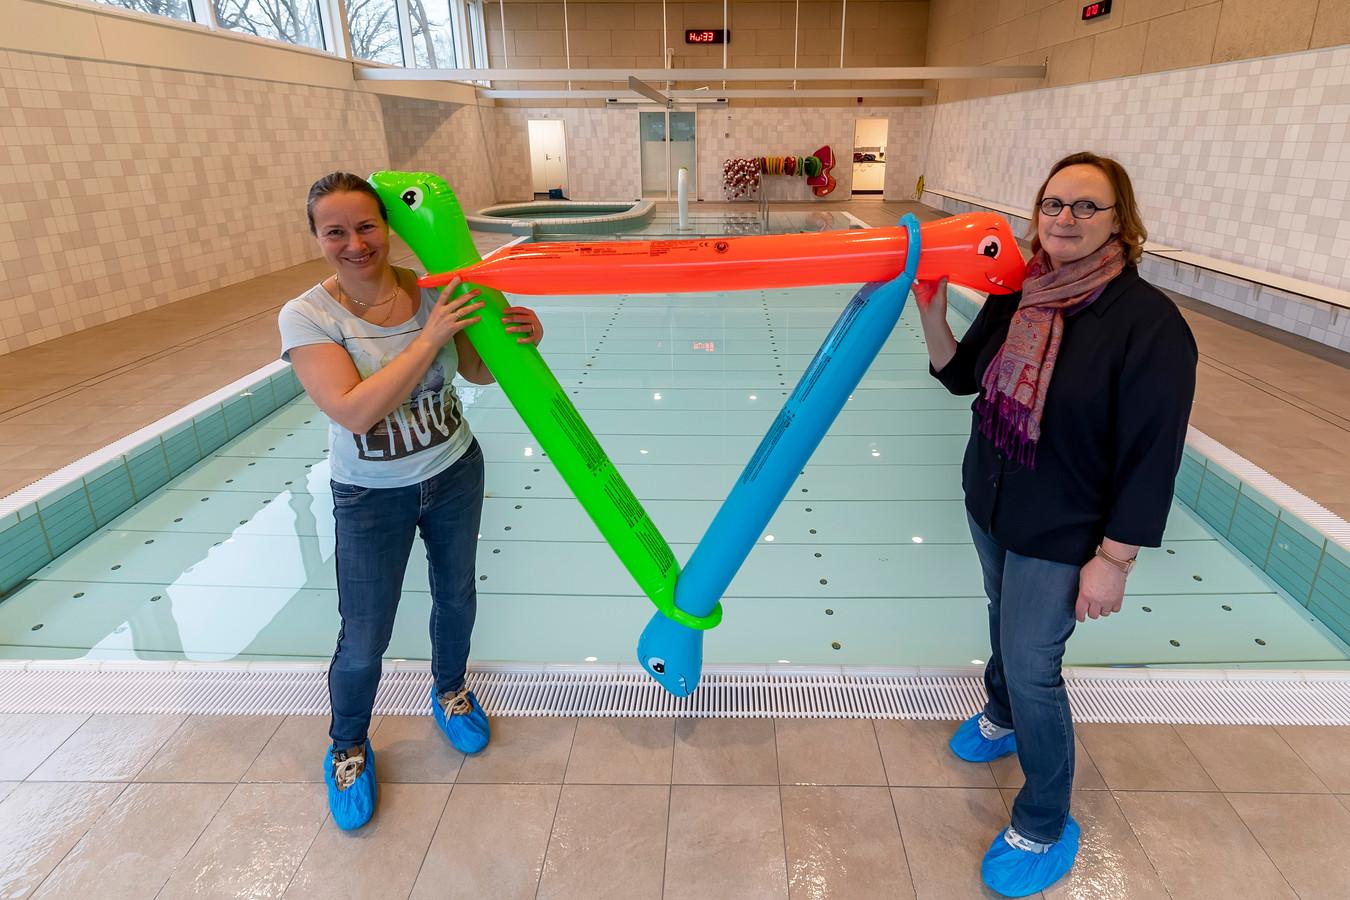 De lockdown duurt lang voor zwemscholen. Linda Damme van zwemschool Linda(links) en Ingrid Bugday van zwemschool Ingrid).